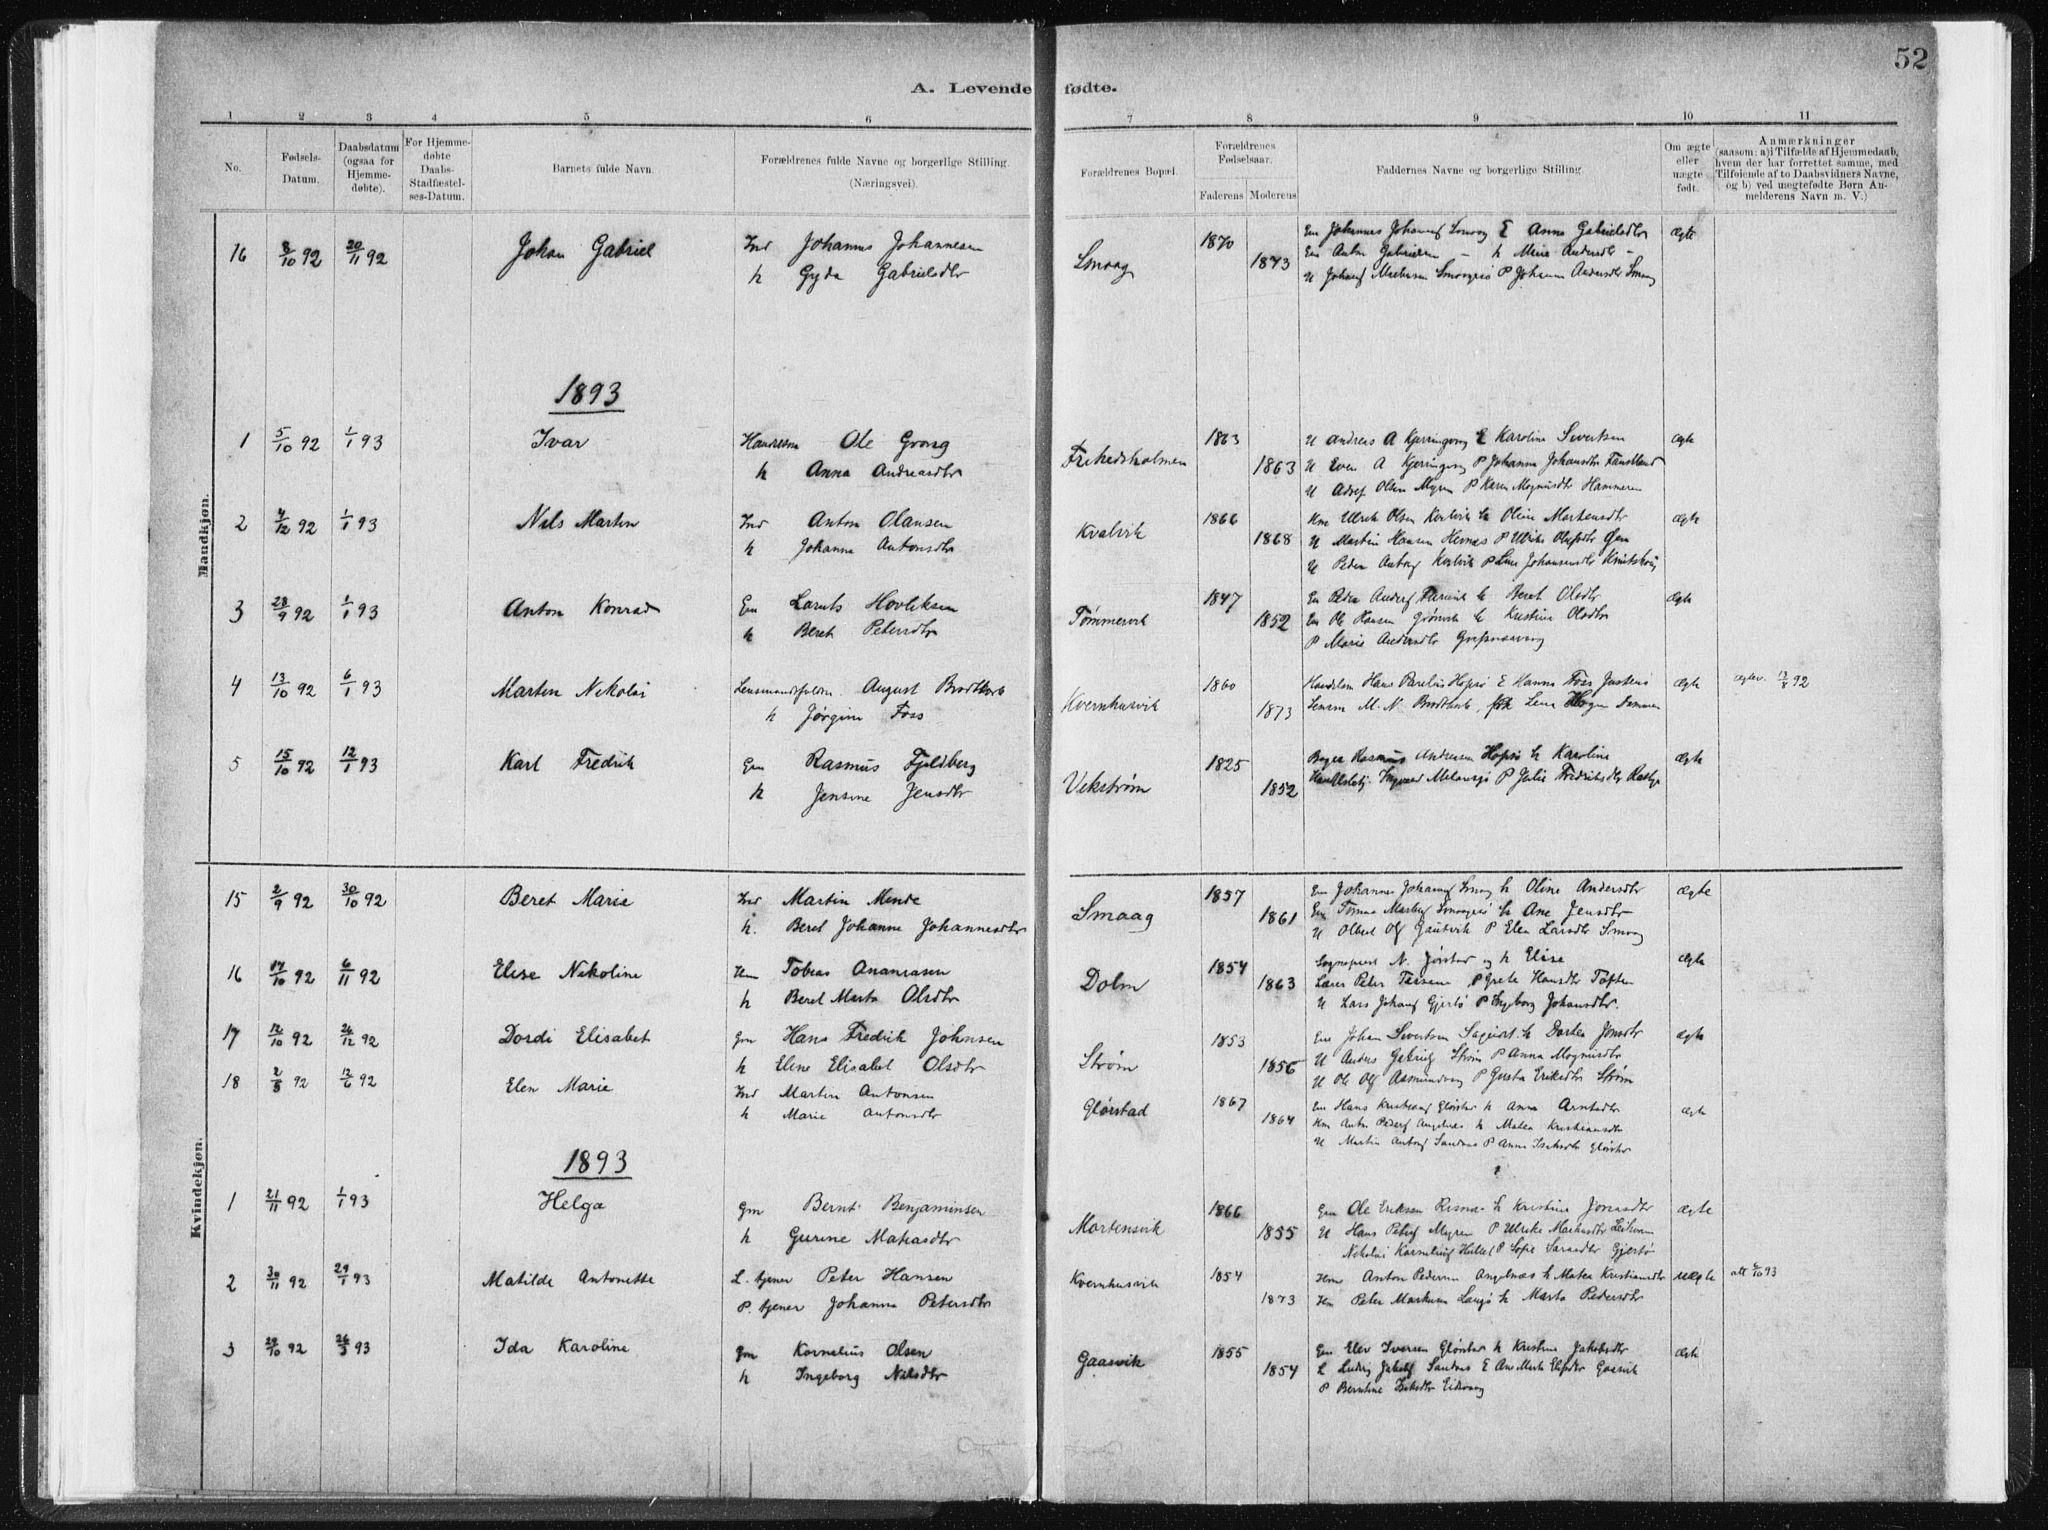 SAT, Ministerialprotokoller, klokkerbøker og fødselsregistre - Sør-Trøndelag, 634/L0533: Ministerialbok nr. 634A09, 1882-1901, s. 52